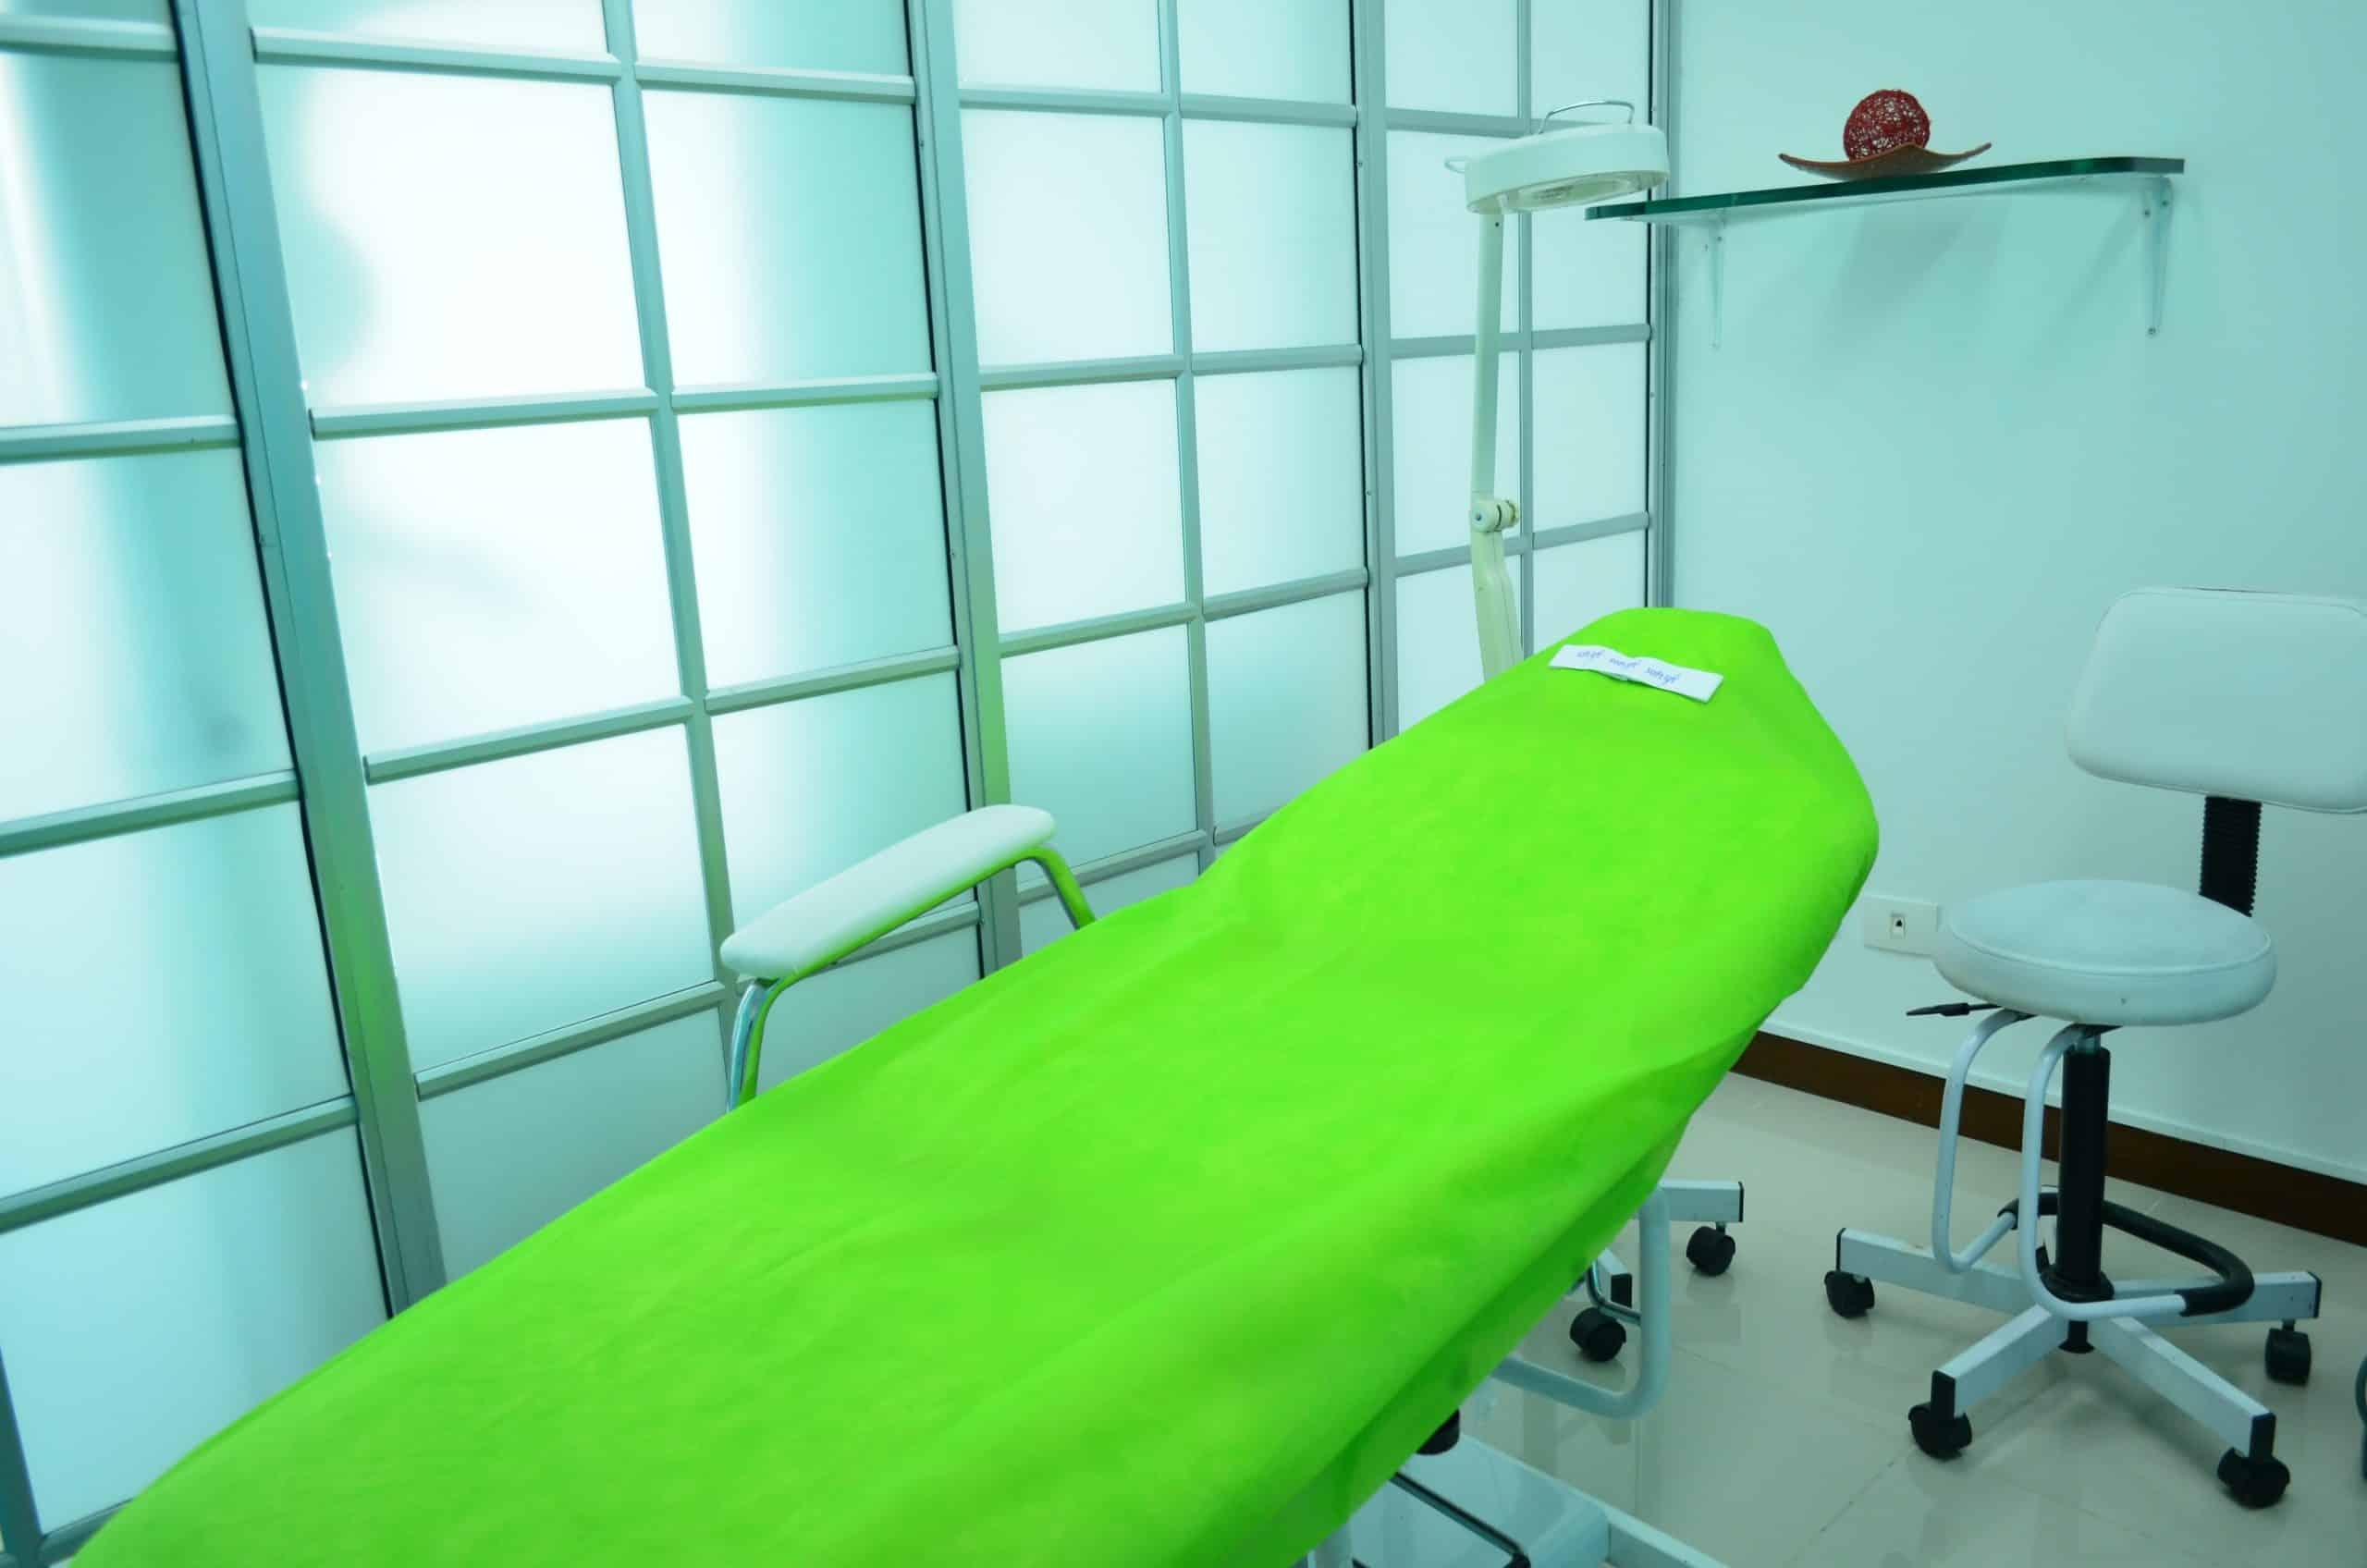 Aká je účinná liečba nádorov kože? Musia sa vždy odstraňovať chirurgicky?